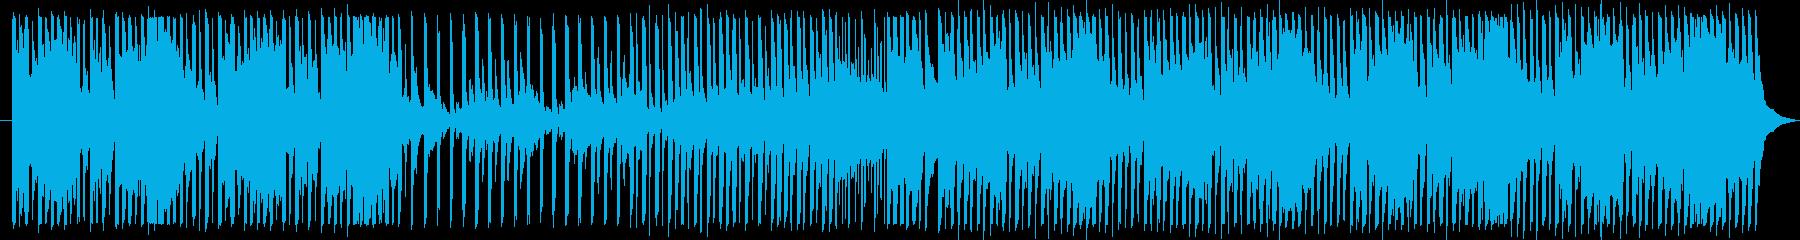 ポップでカワイイ・バラエティ番組BGMの再生済みの波形